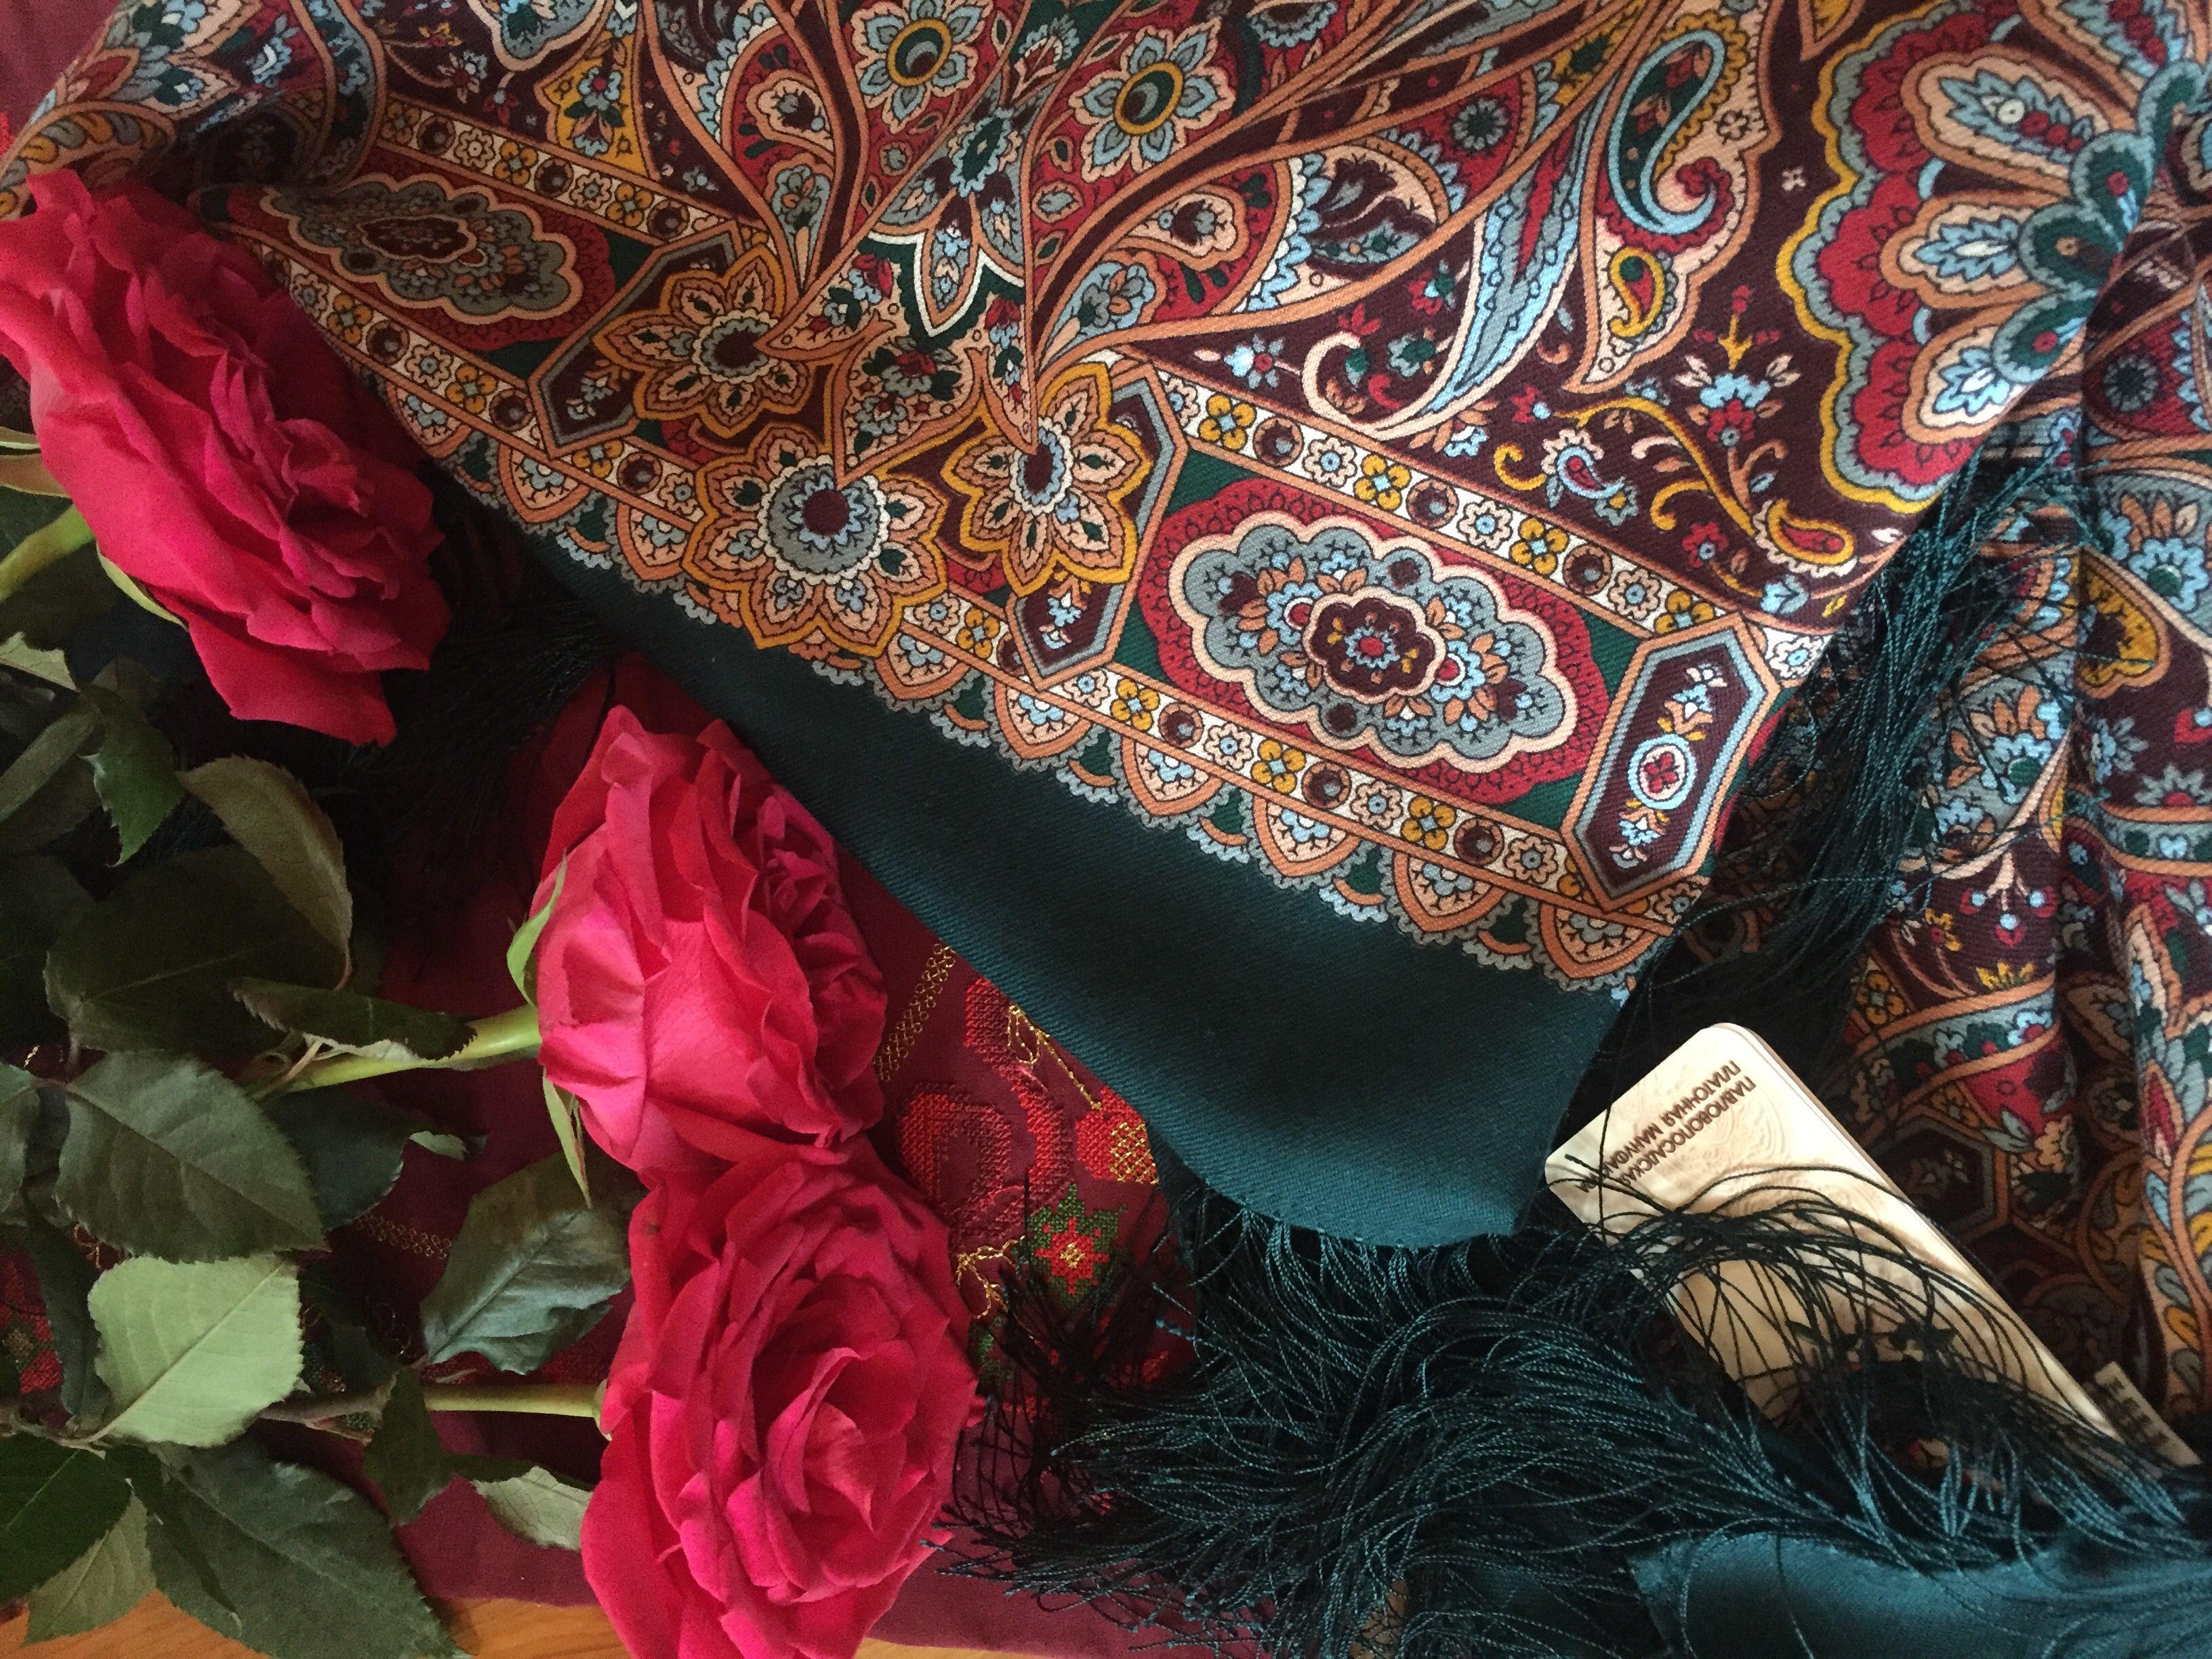 использовала павловопосадская шаль майя фото рекомендую нет